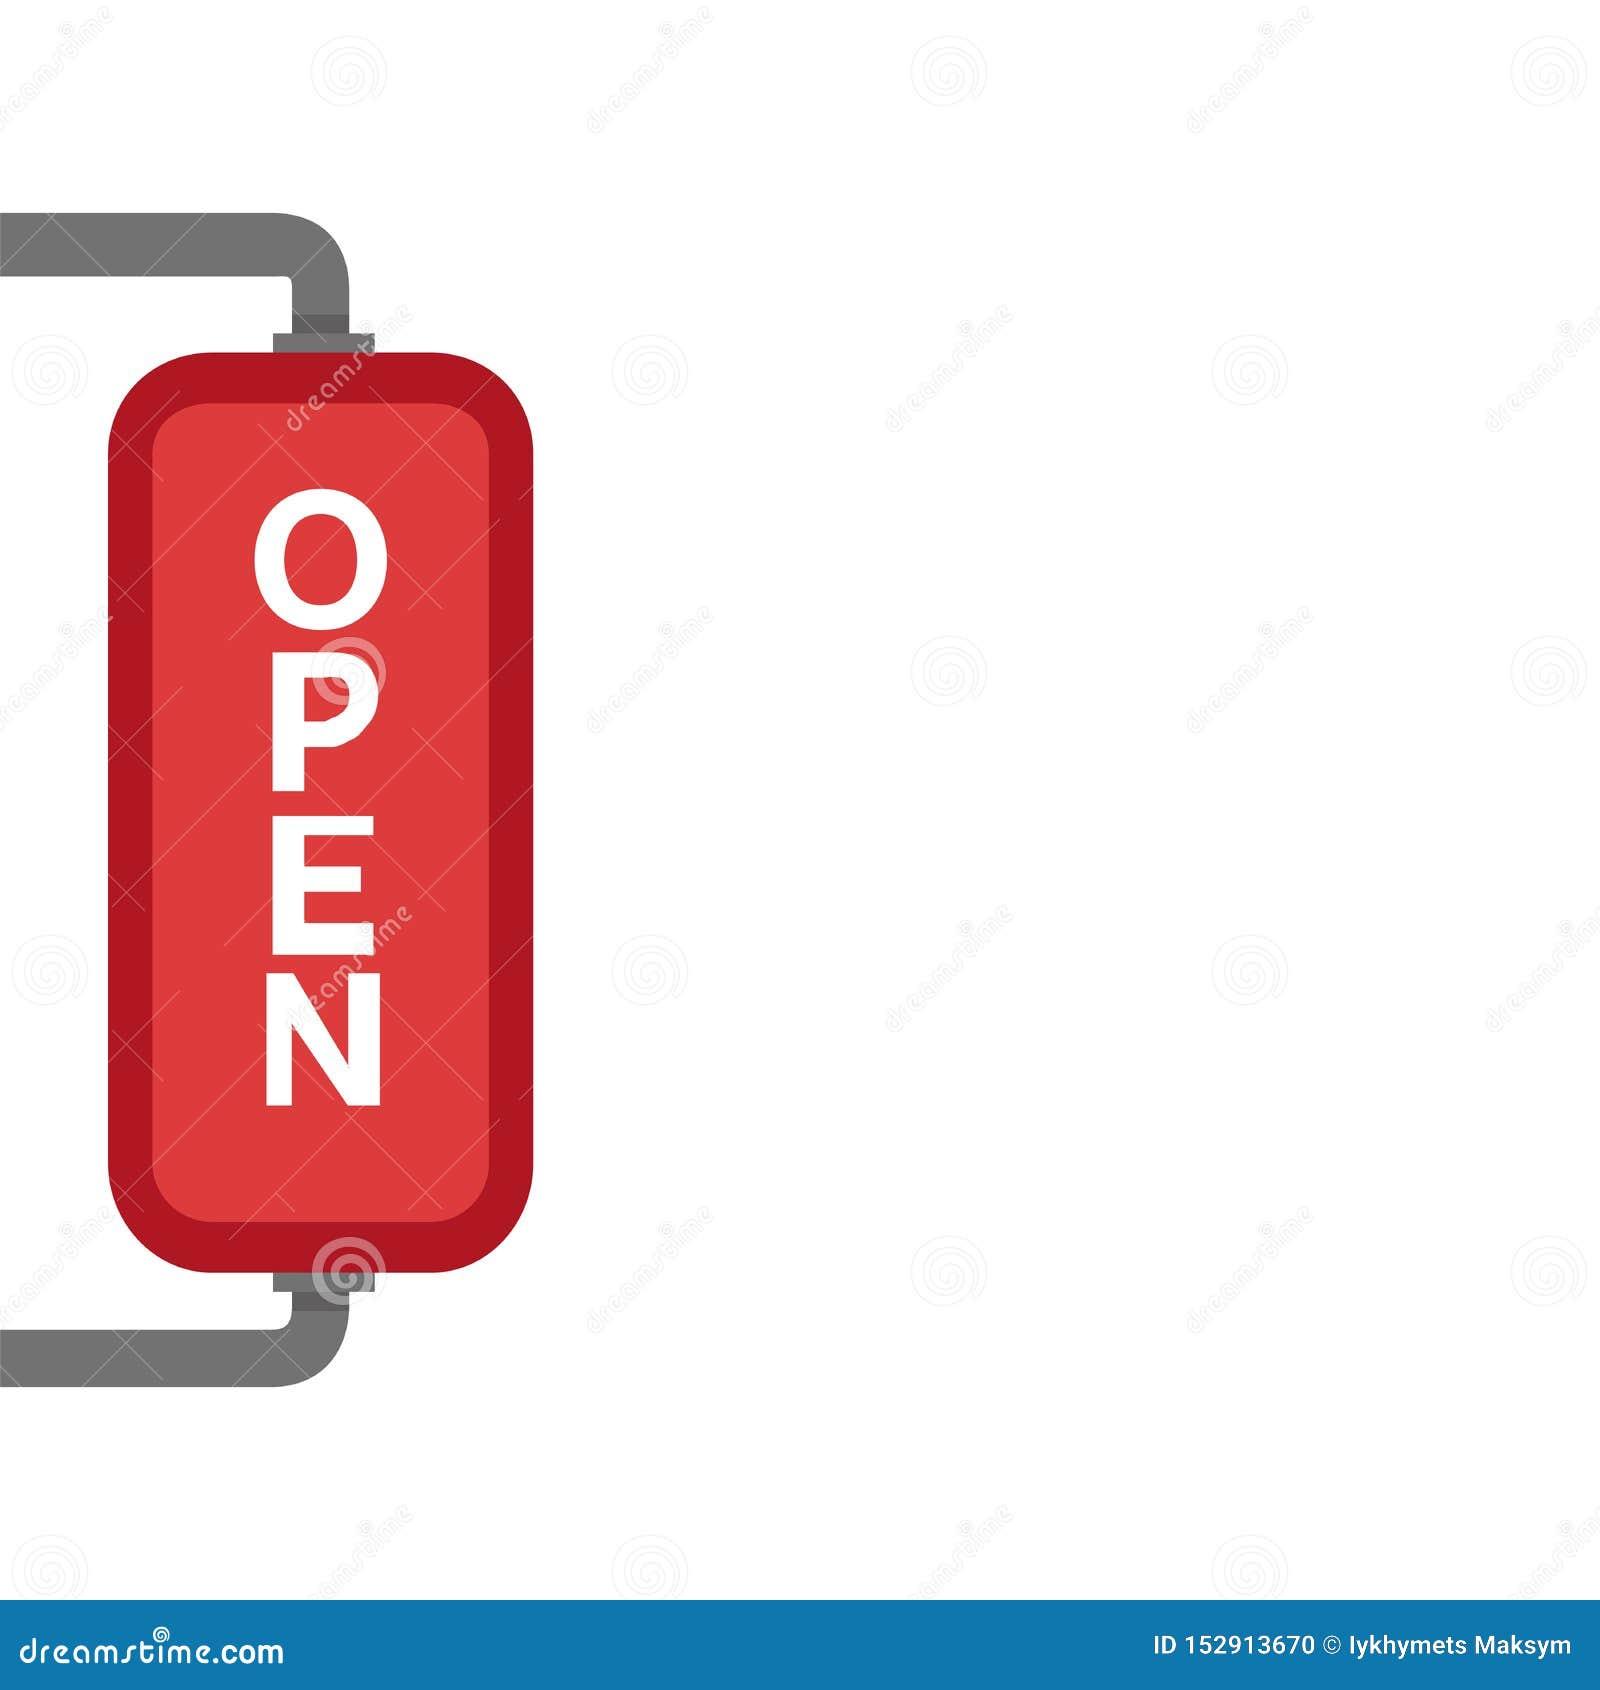 Wij zijn Open Teken - Illustratie van rood teken met bezoekers van de informatie de welkom hetende winkel